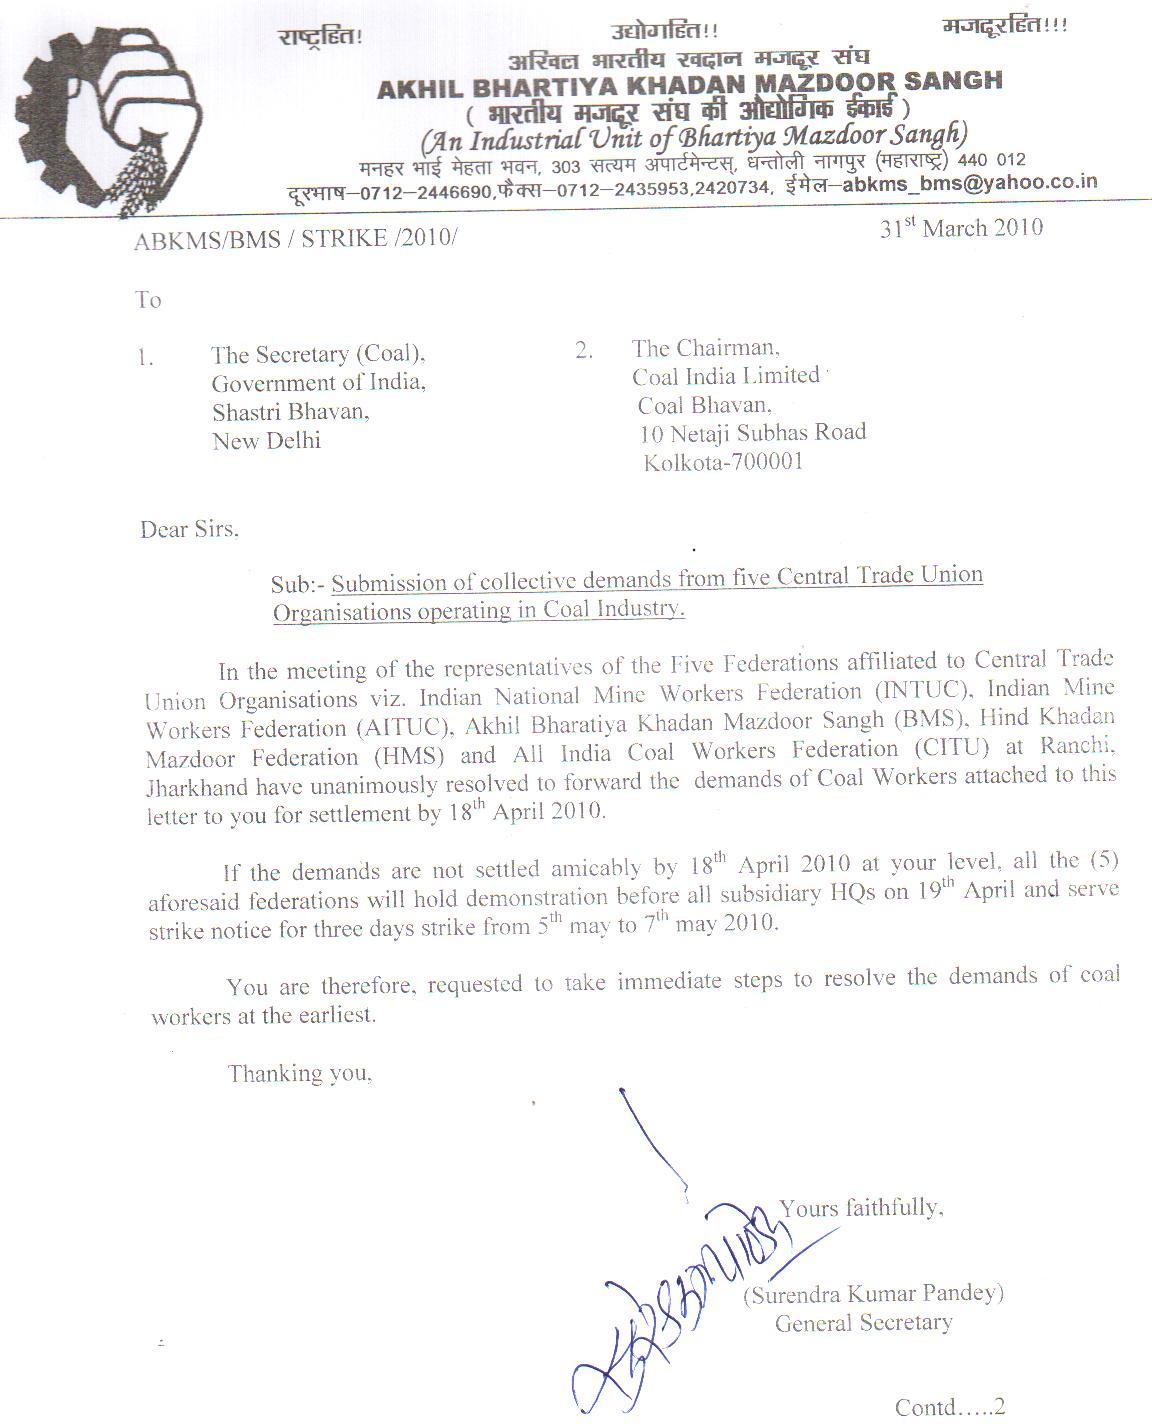 AKHIL BHARATIYA KHADAN MAZDOOR SANGH(BMS)